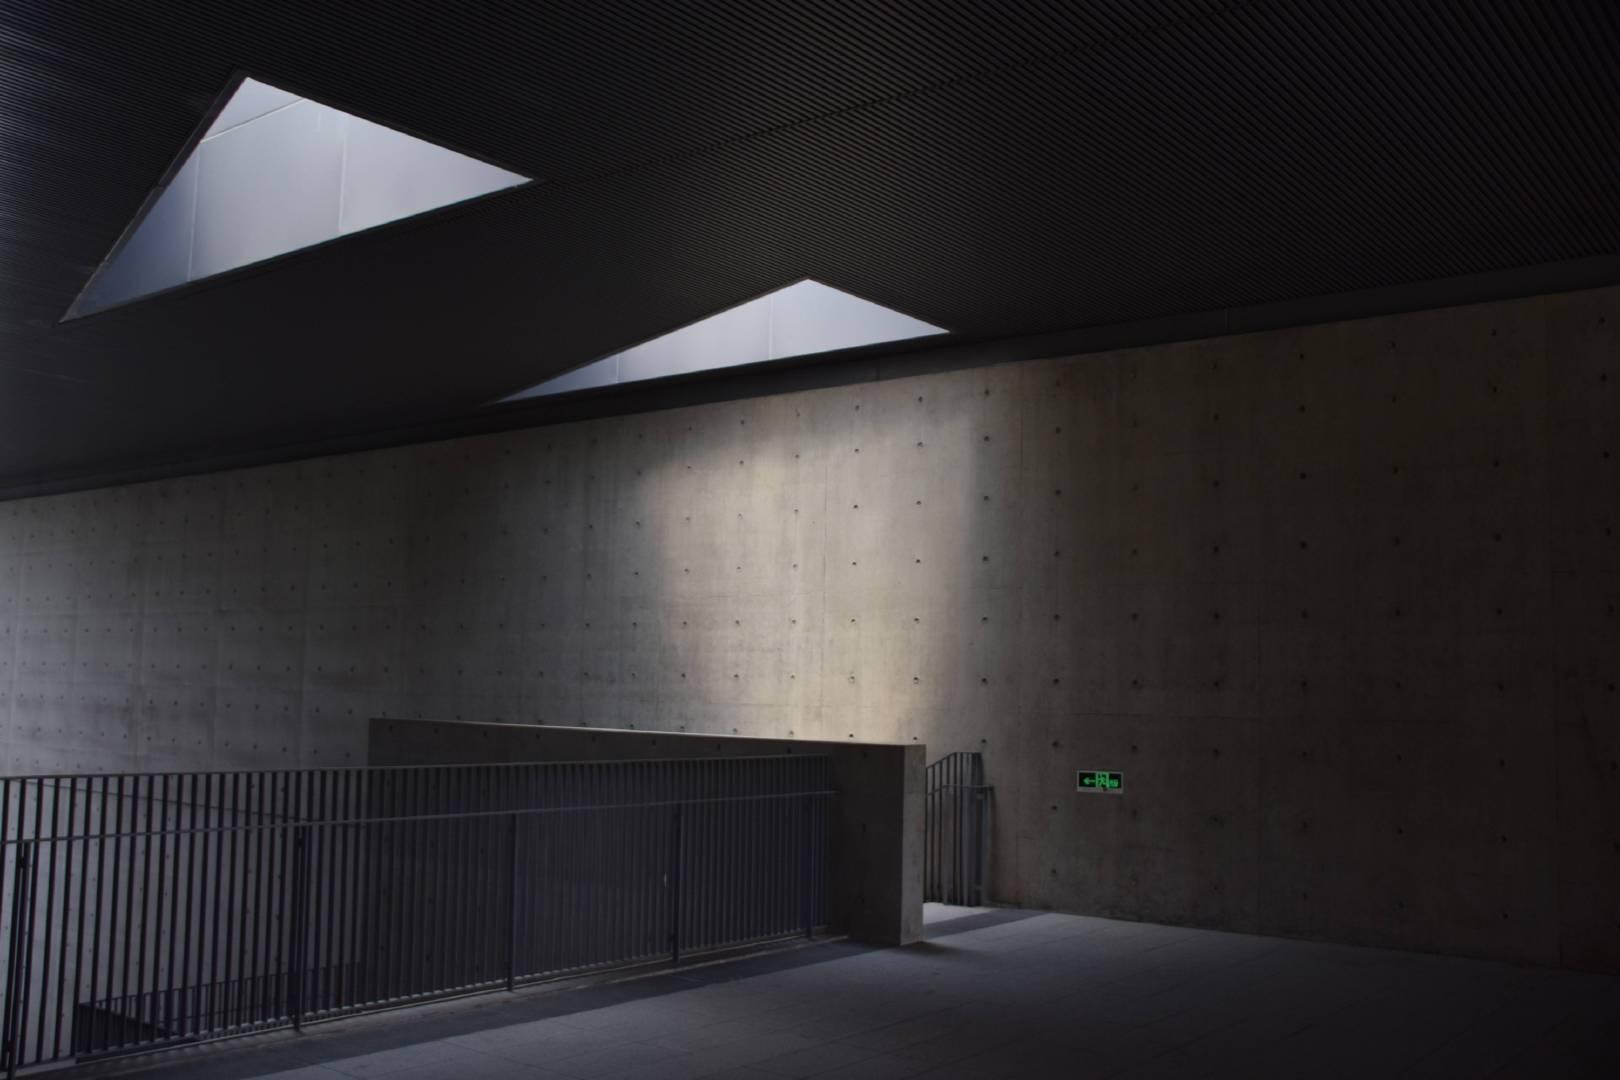 安藤忠雄的混凝土美学 杭州良渚文化艺术中心 |投稿来自@灬Mr丶Sun灬